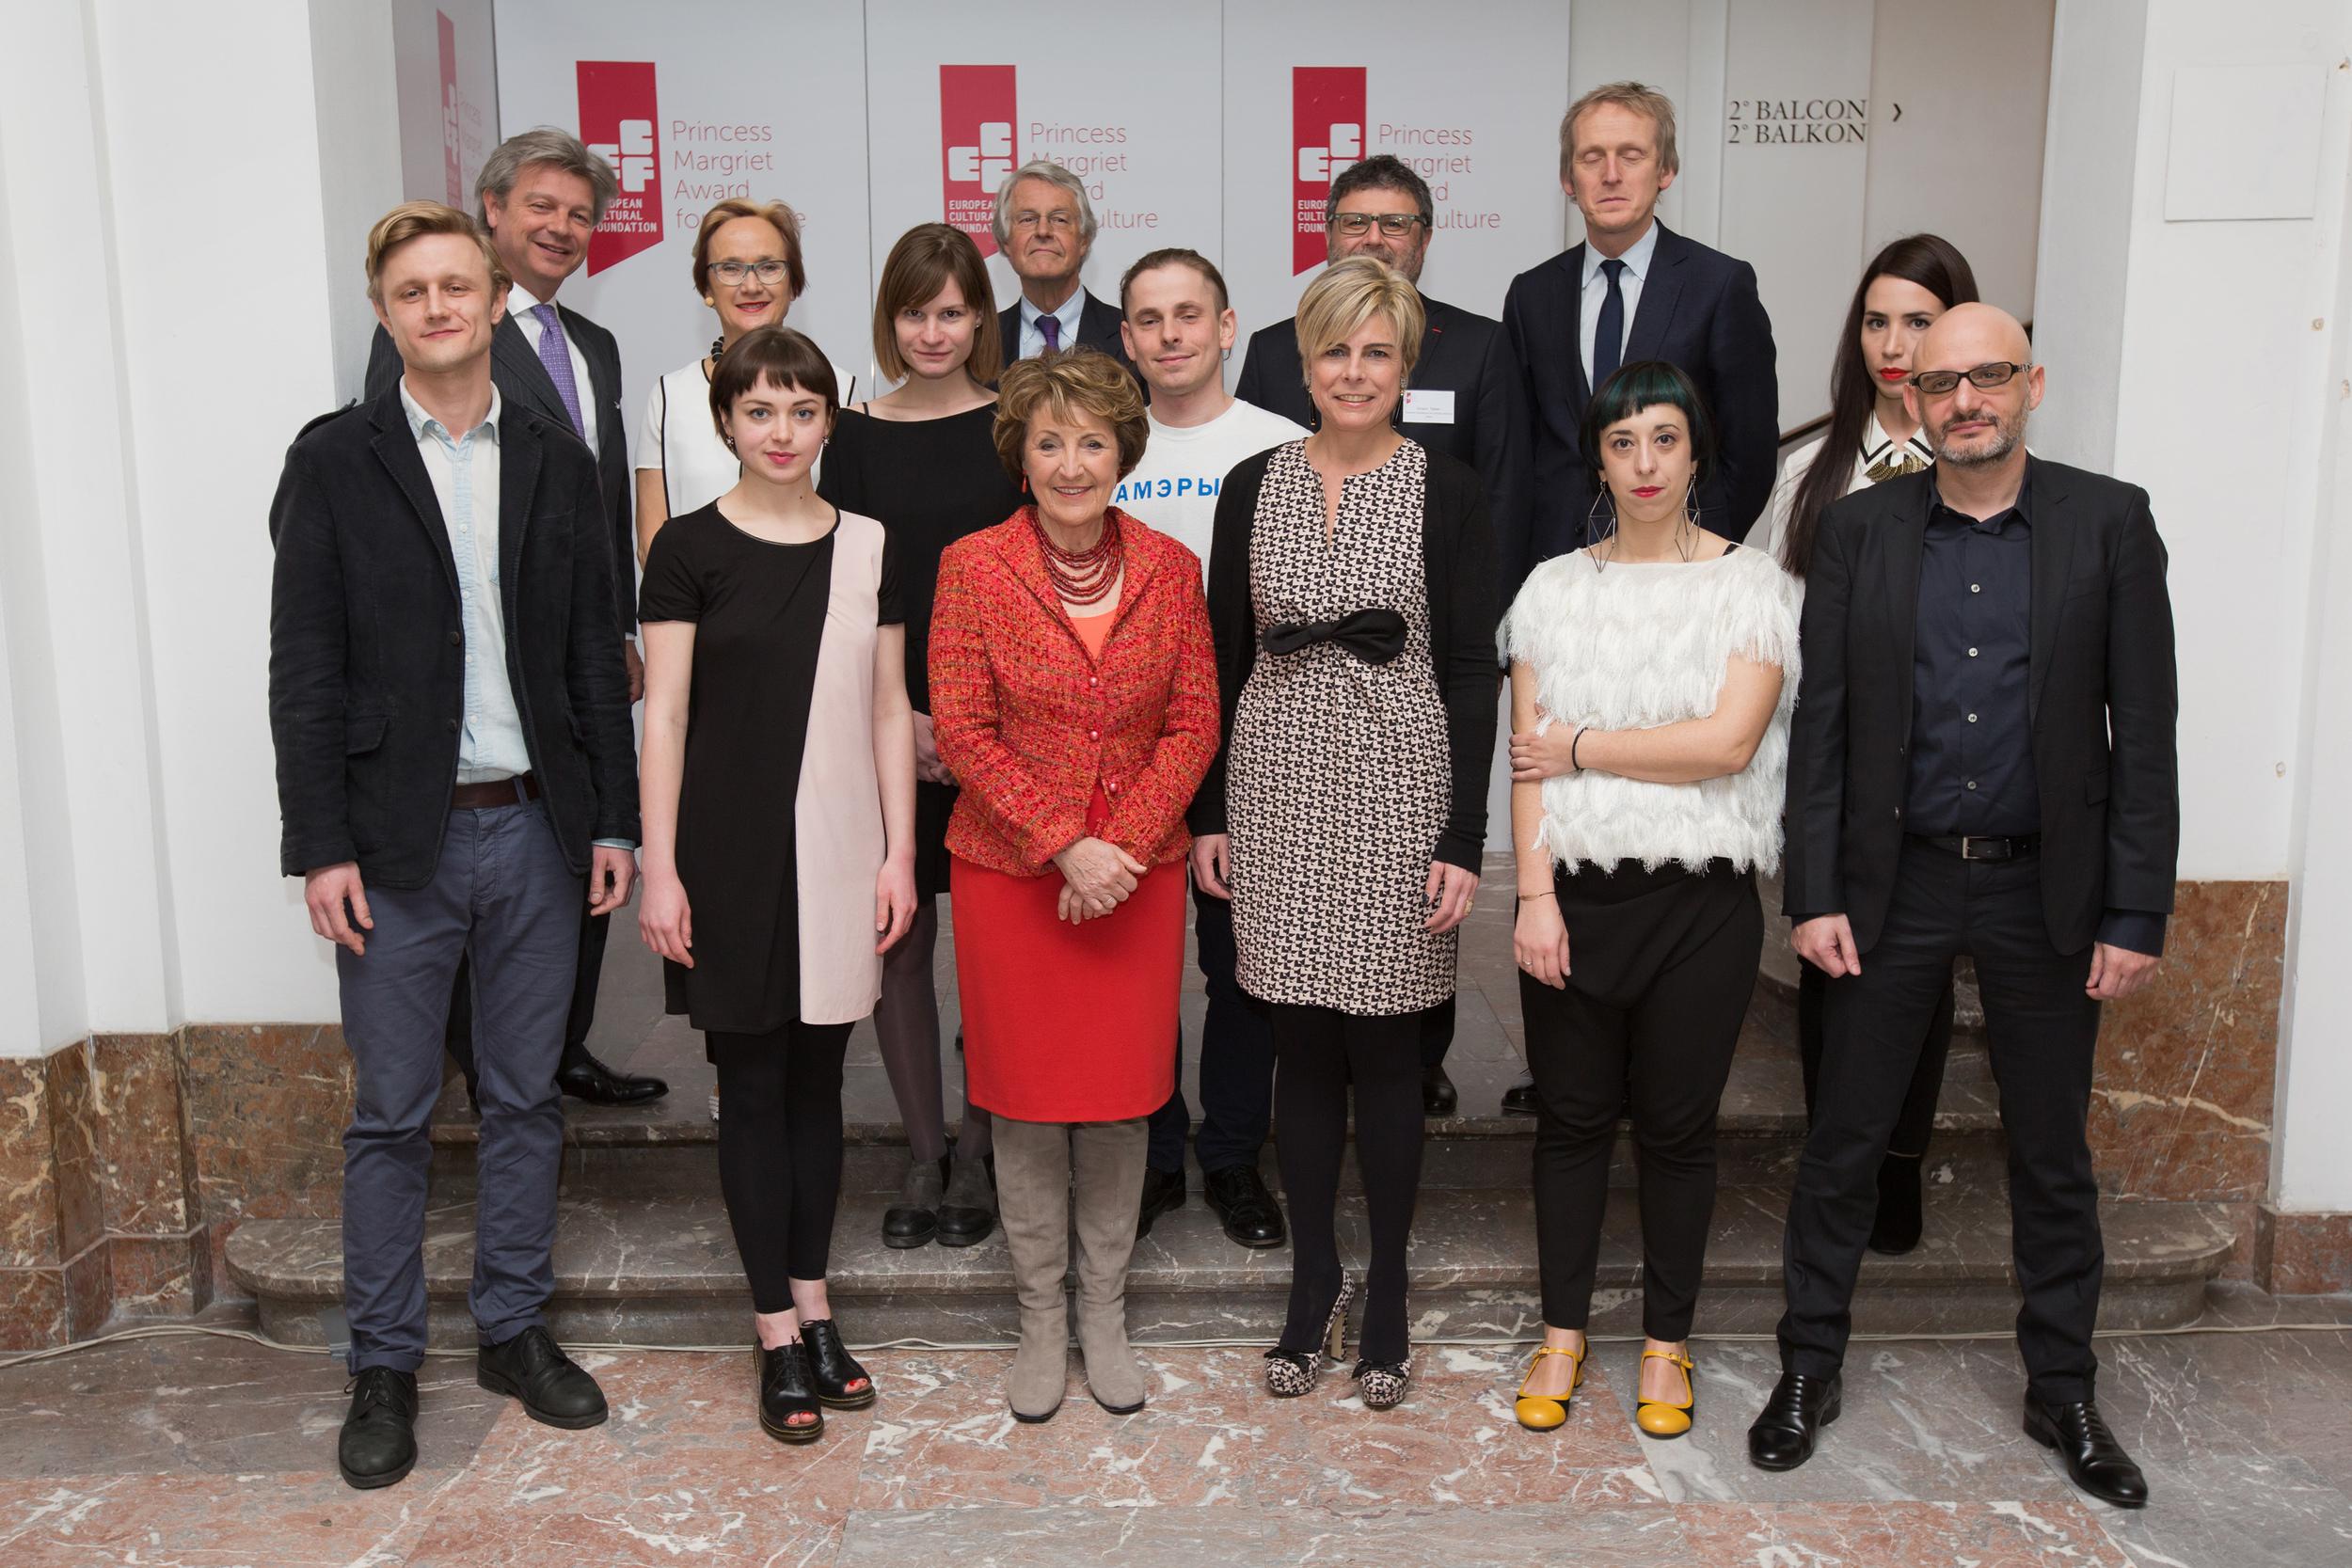 ECF Princess Margriet for Culture Award 2015. Photo byMaarten van Haaff.